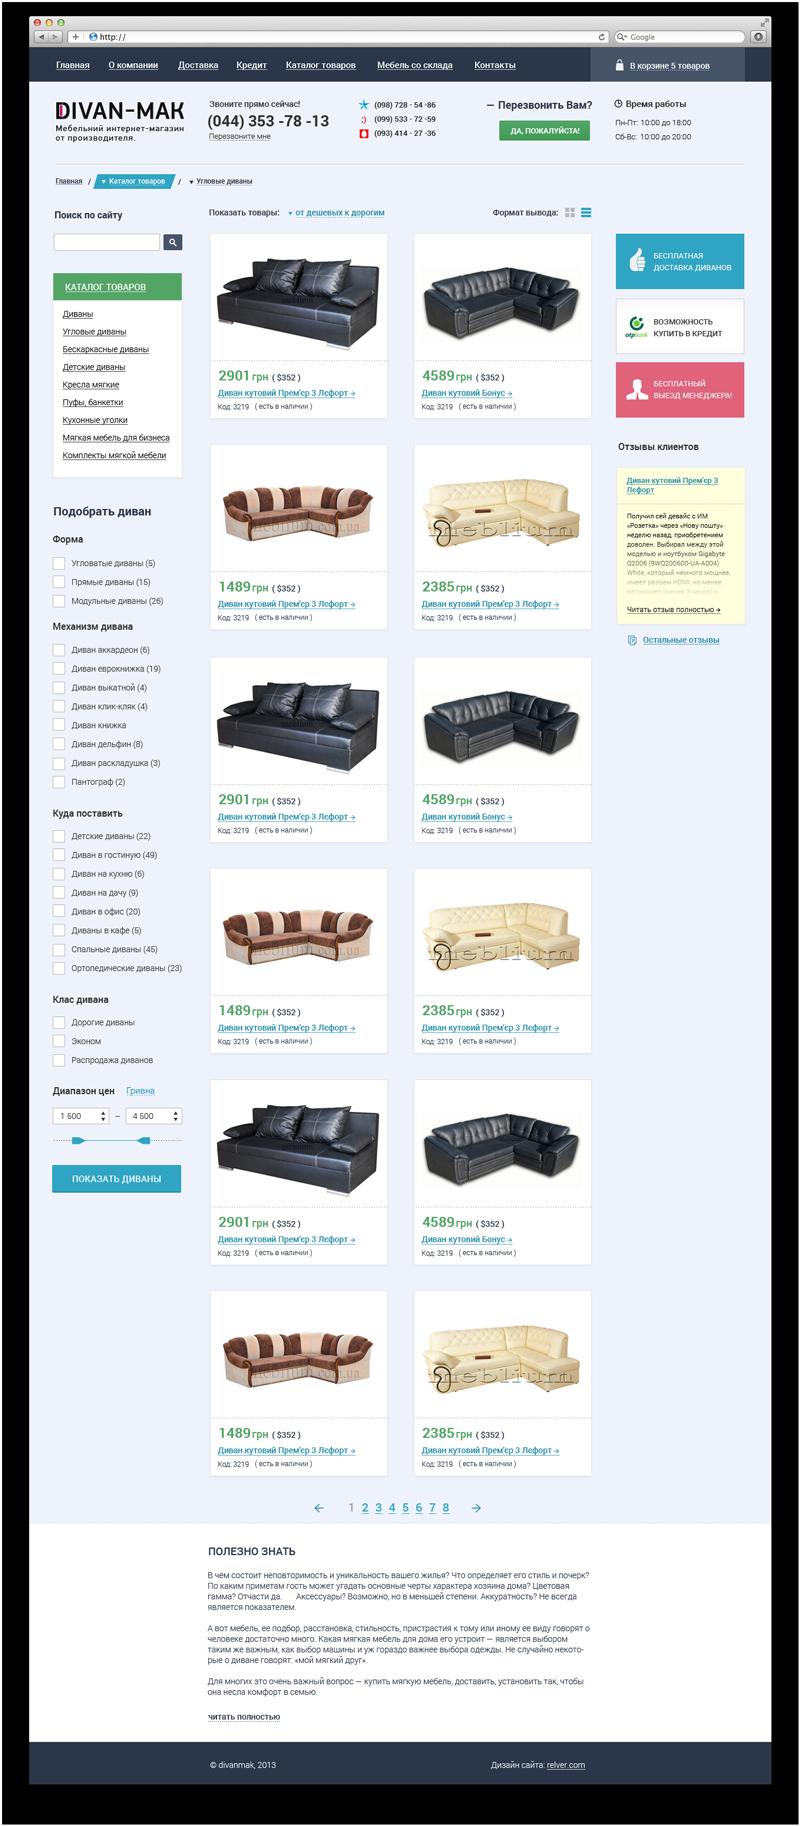 Дизайн сайта интернет магазина Диван Мак 2